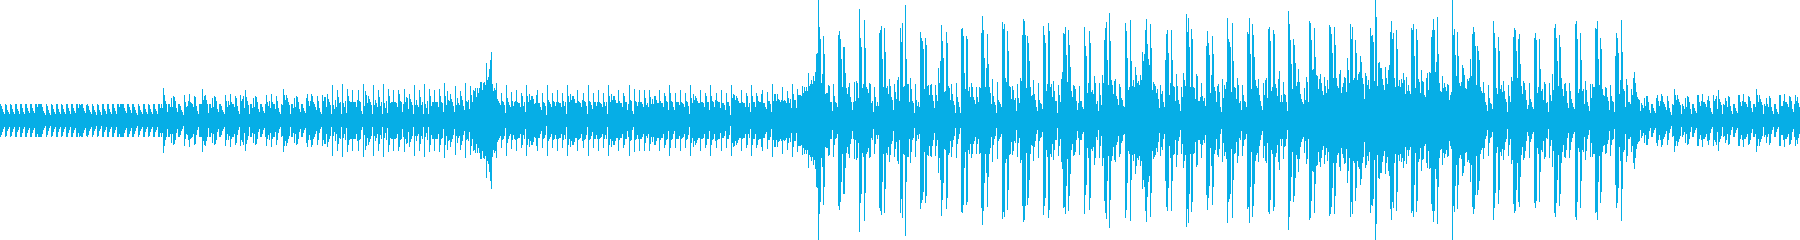 ループできるハイテンポの楽曲の再生済みの波形